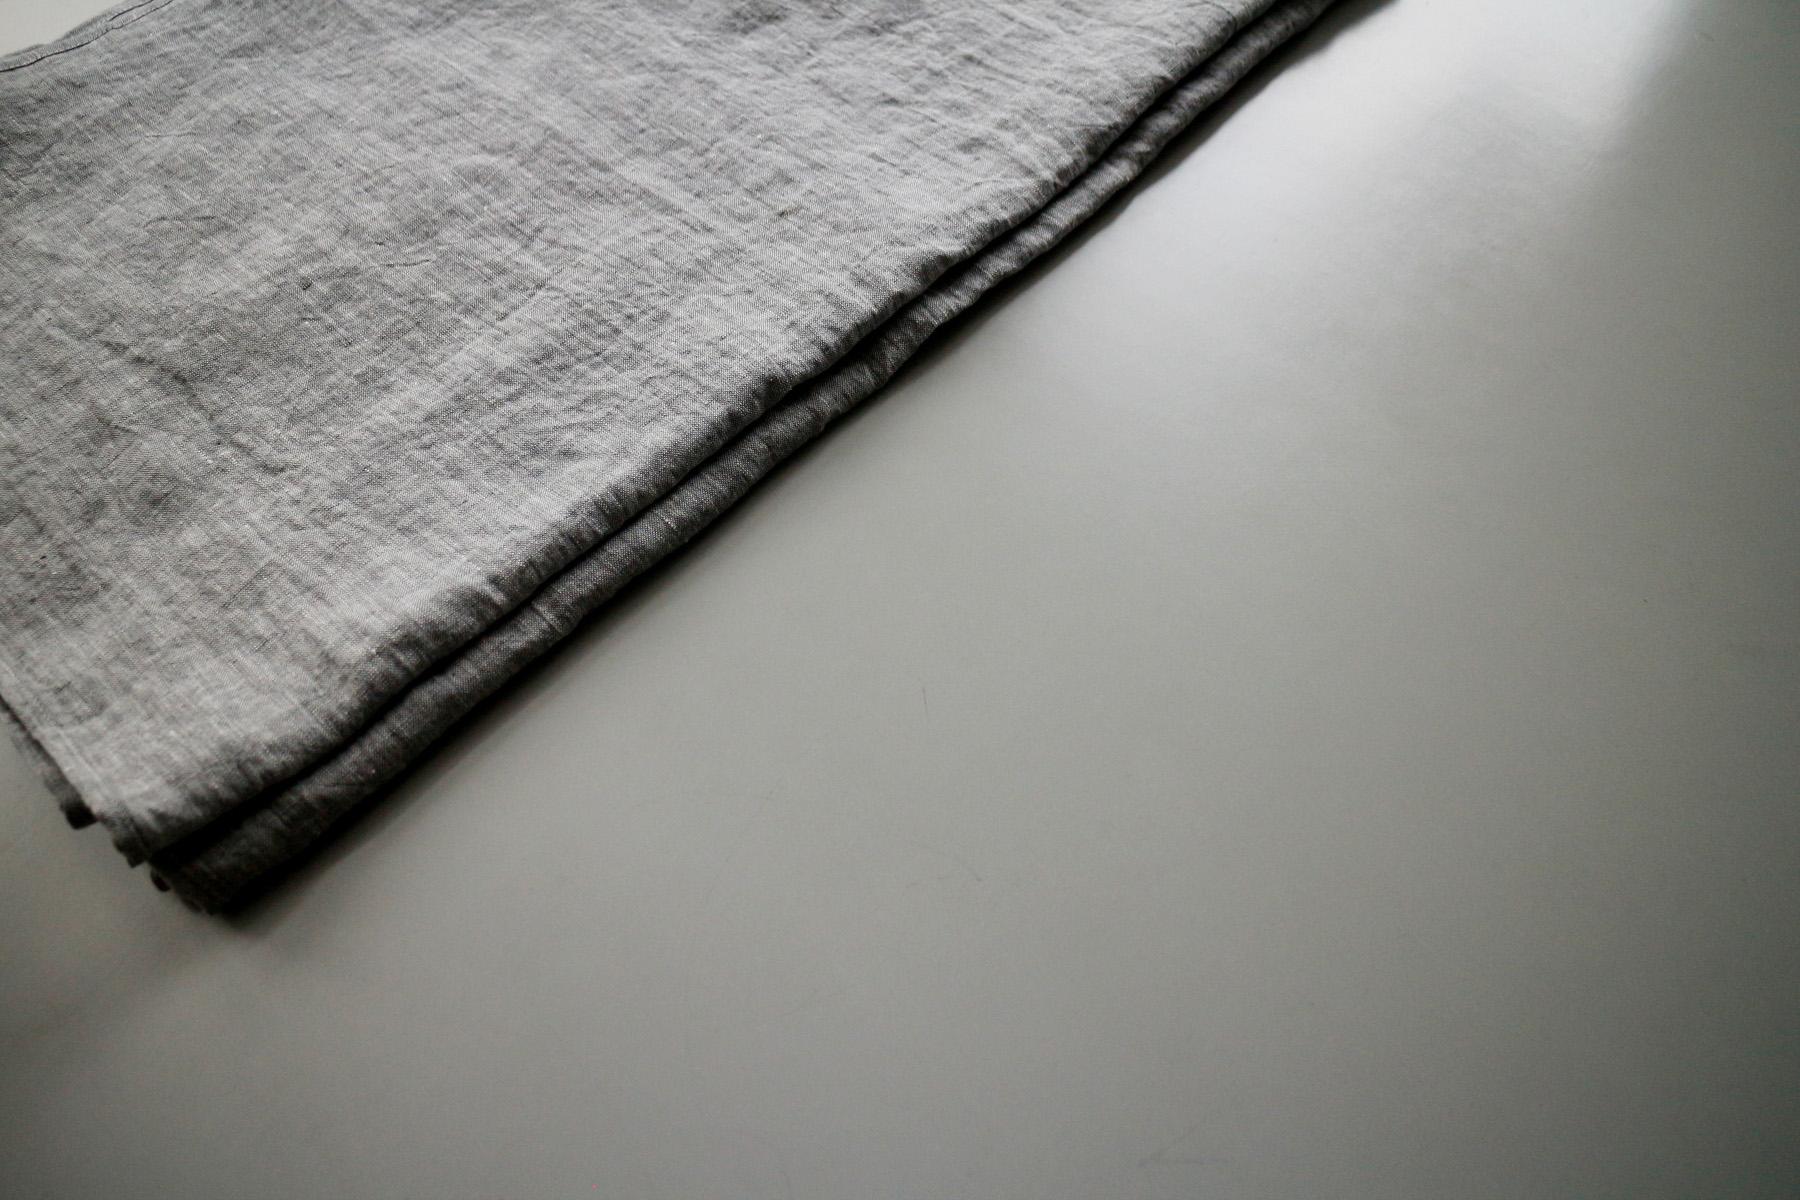 blanketstudio_6.12.15_005